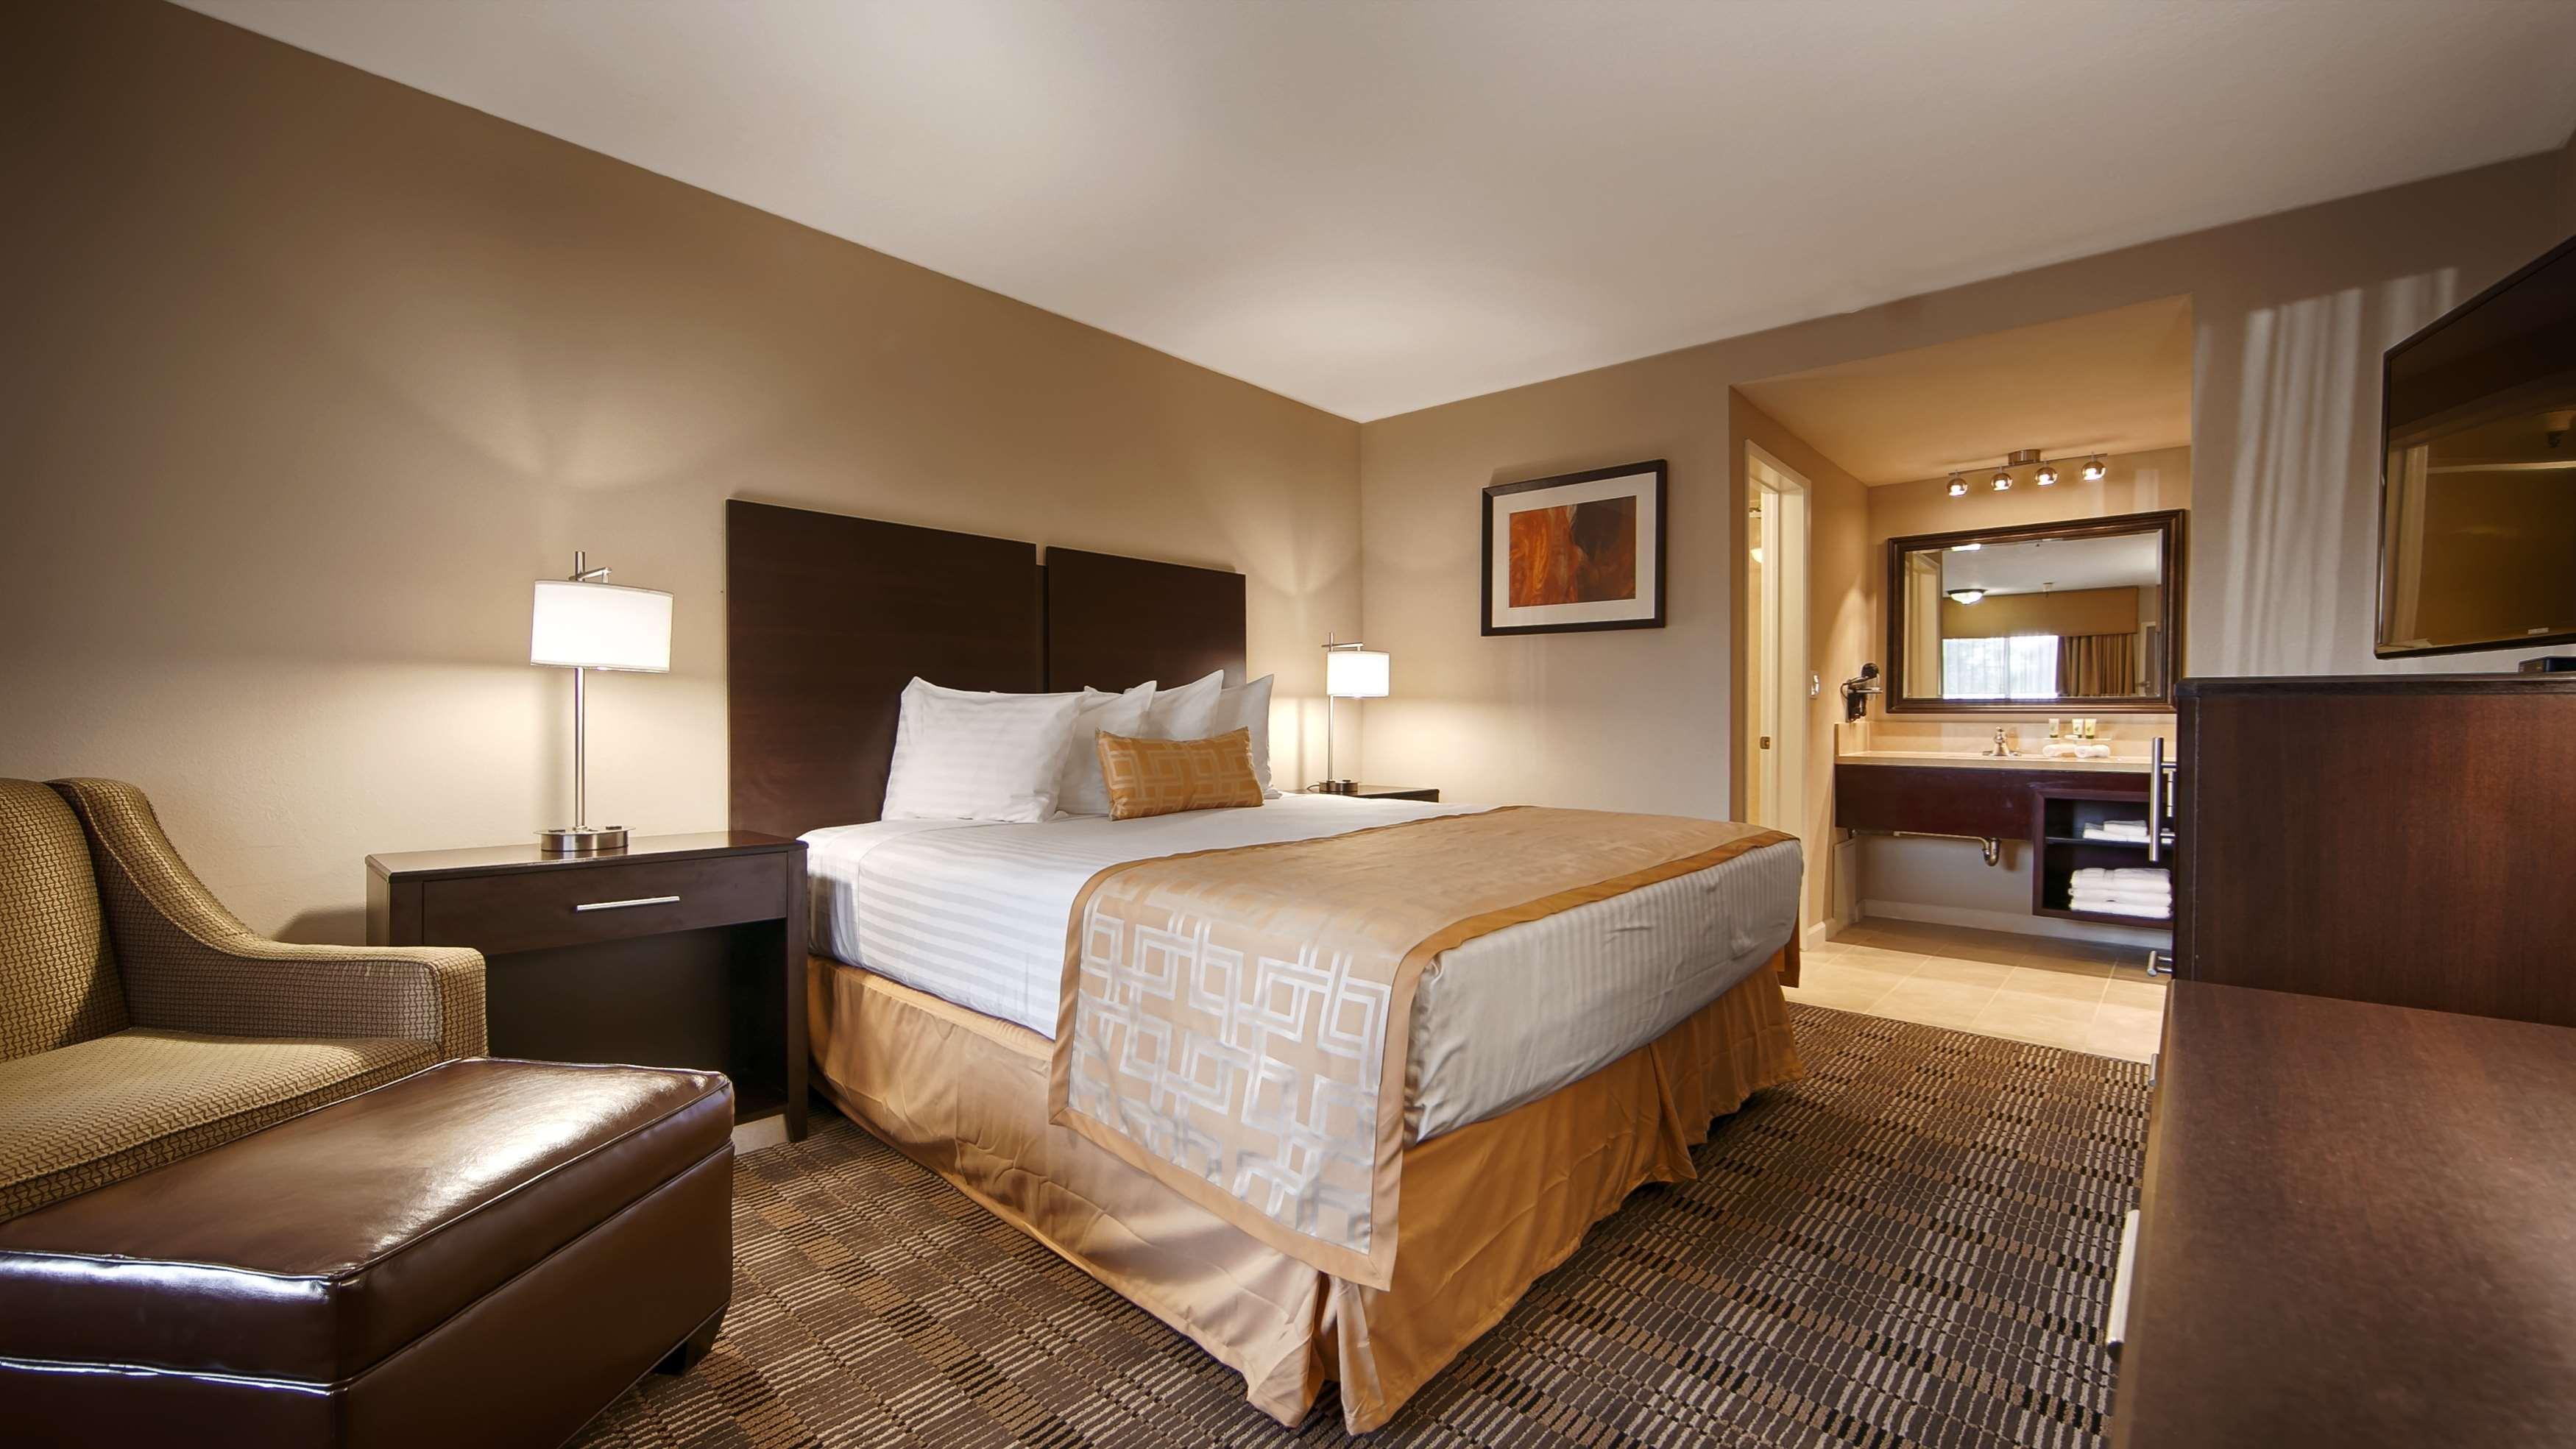 Best Western Pasadena Royale Inn & Suites image 4